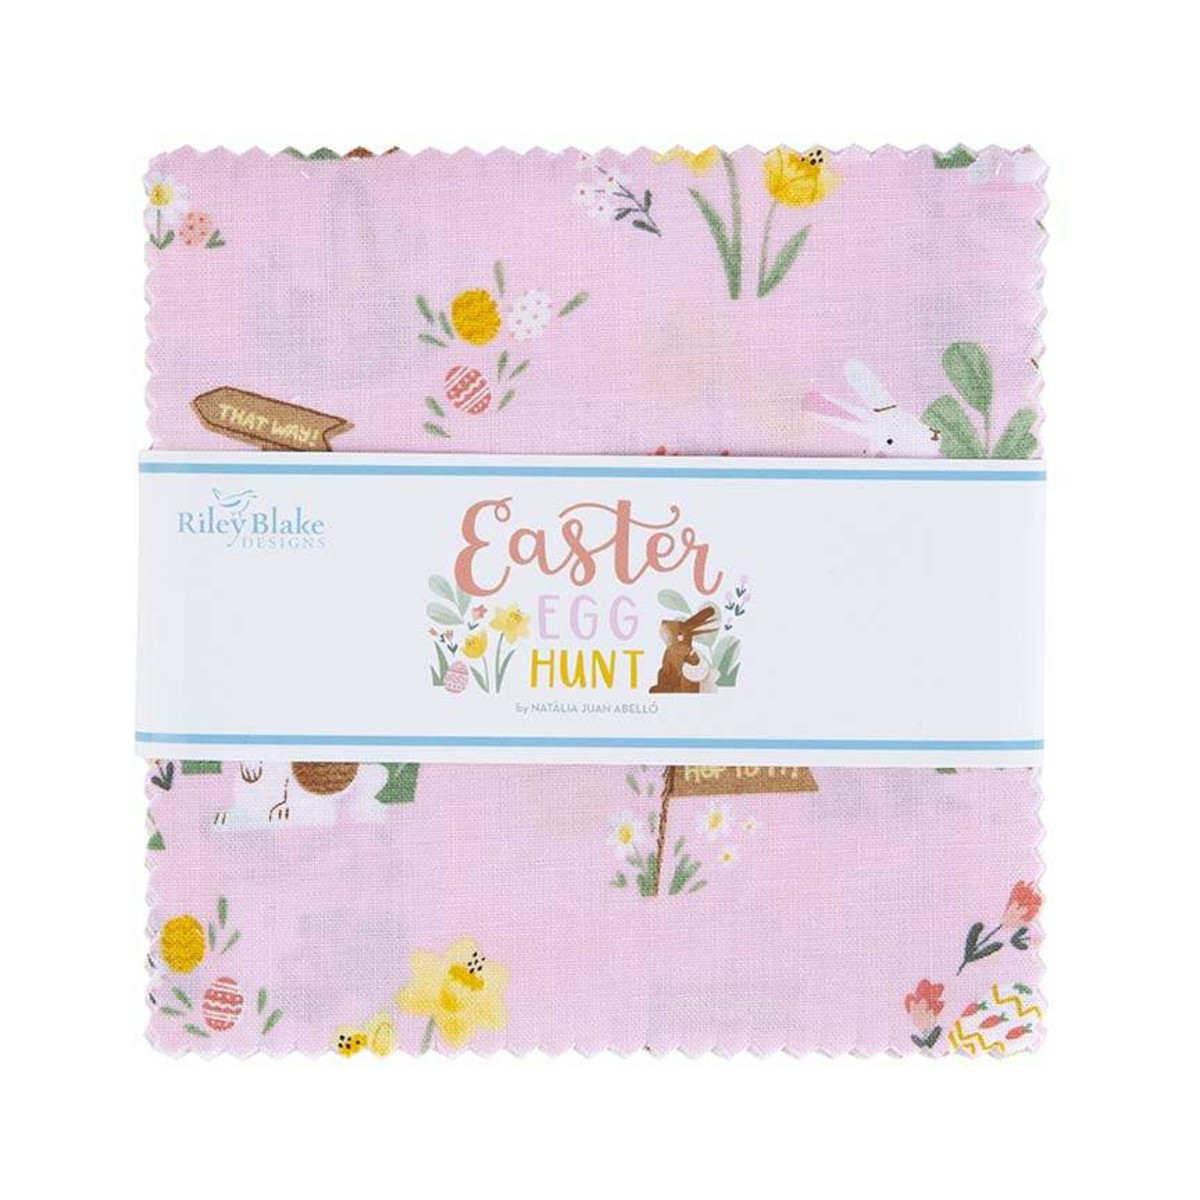 Riley Blake Charm Pack - Easter Egg Hunt